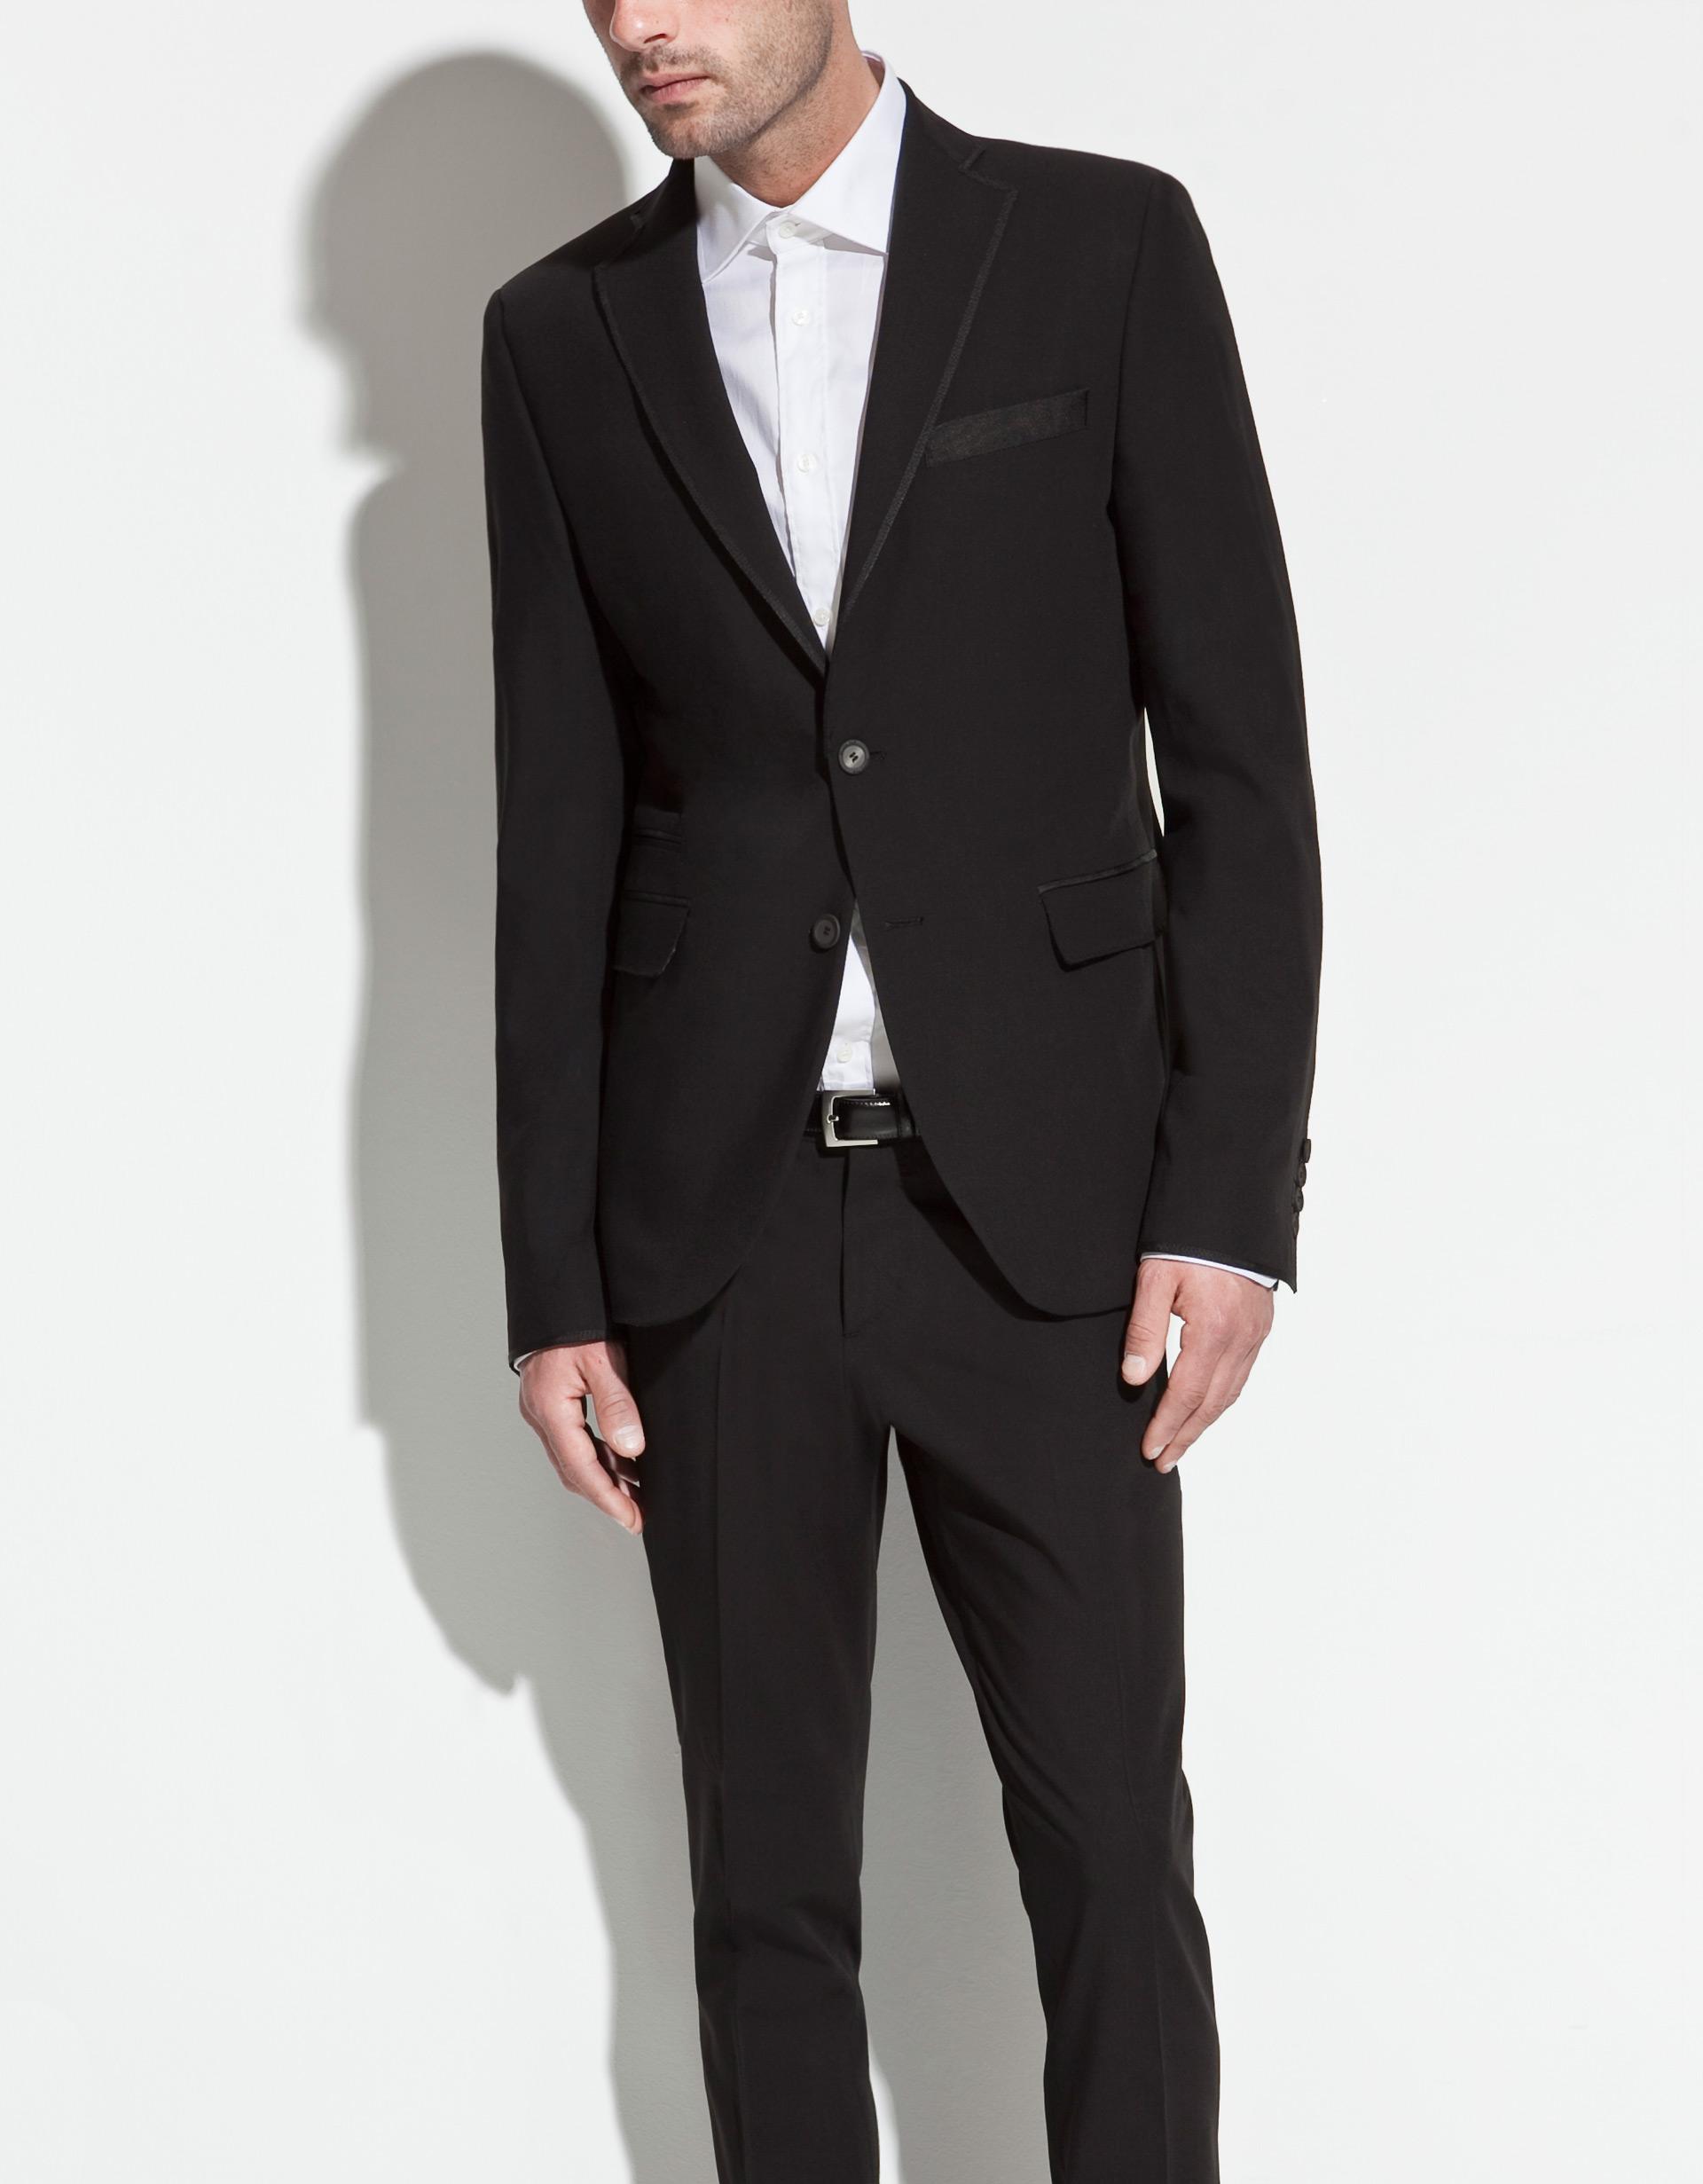 Zara Blazer With Grosgrain Ribbon Lapel In Black For Men